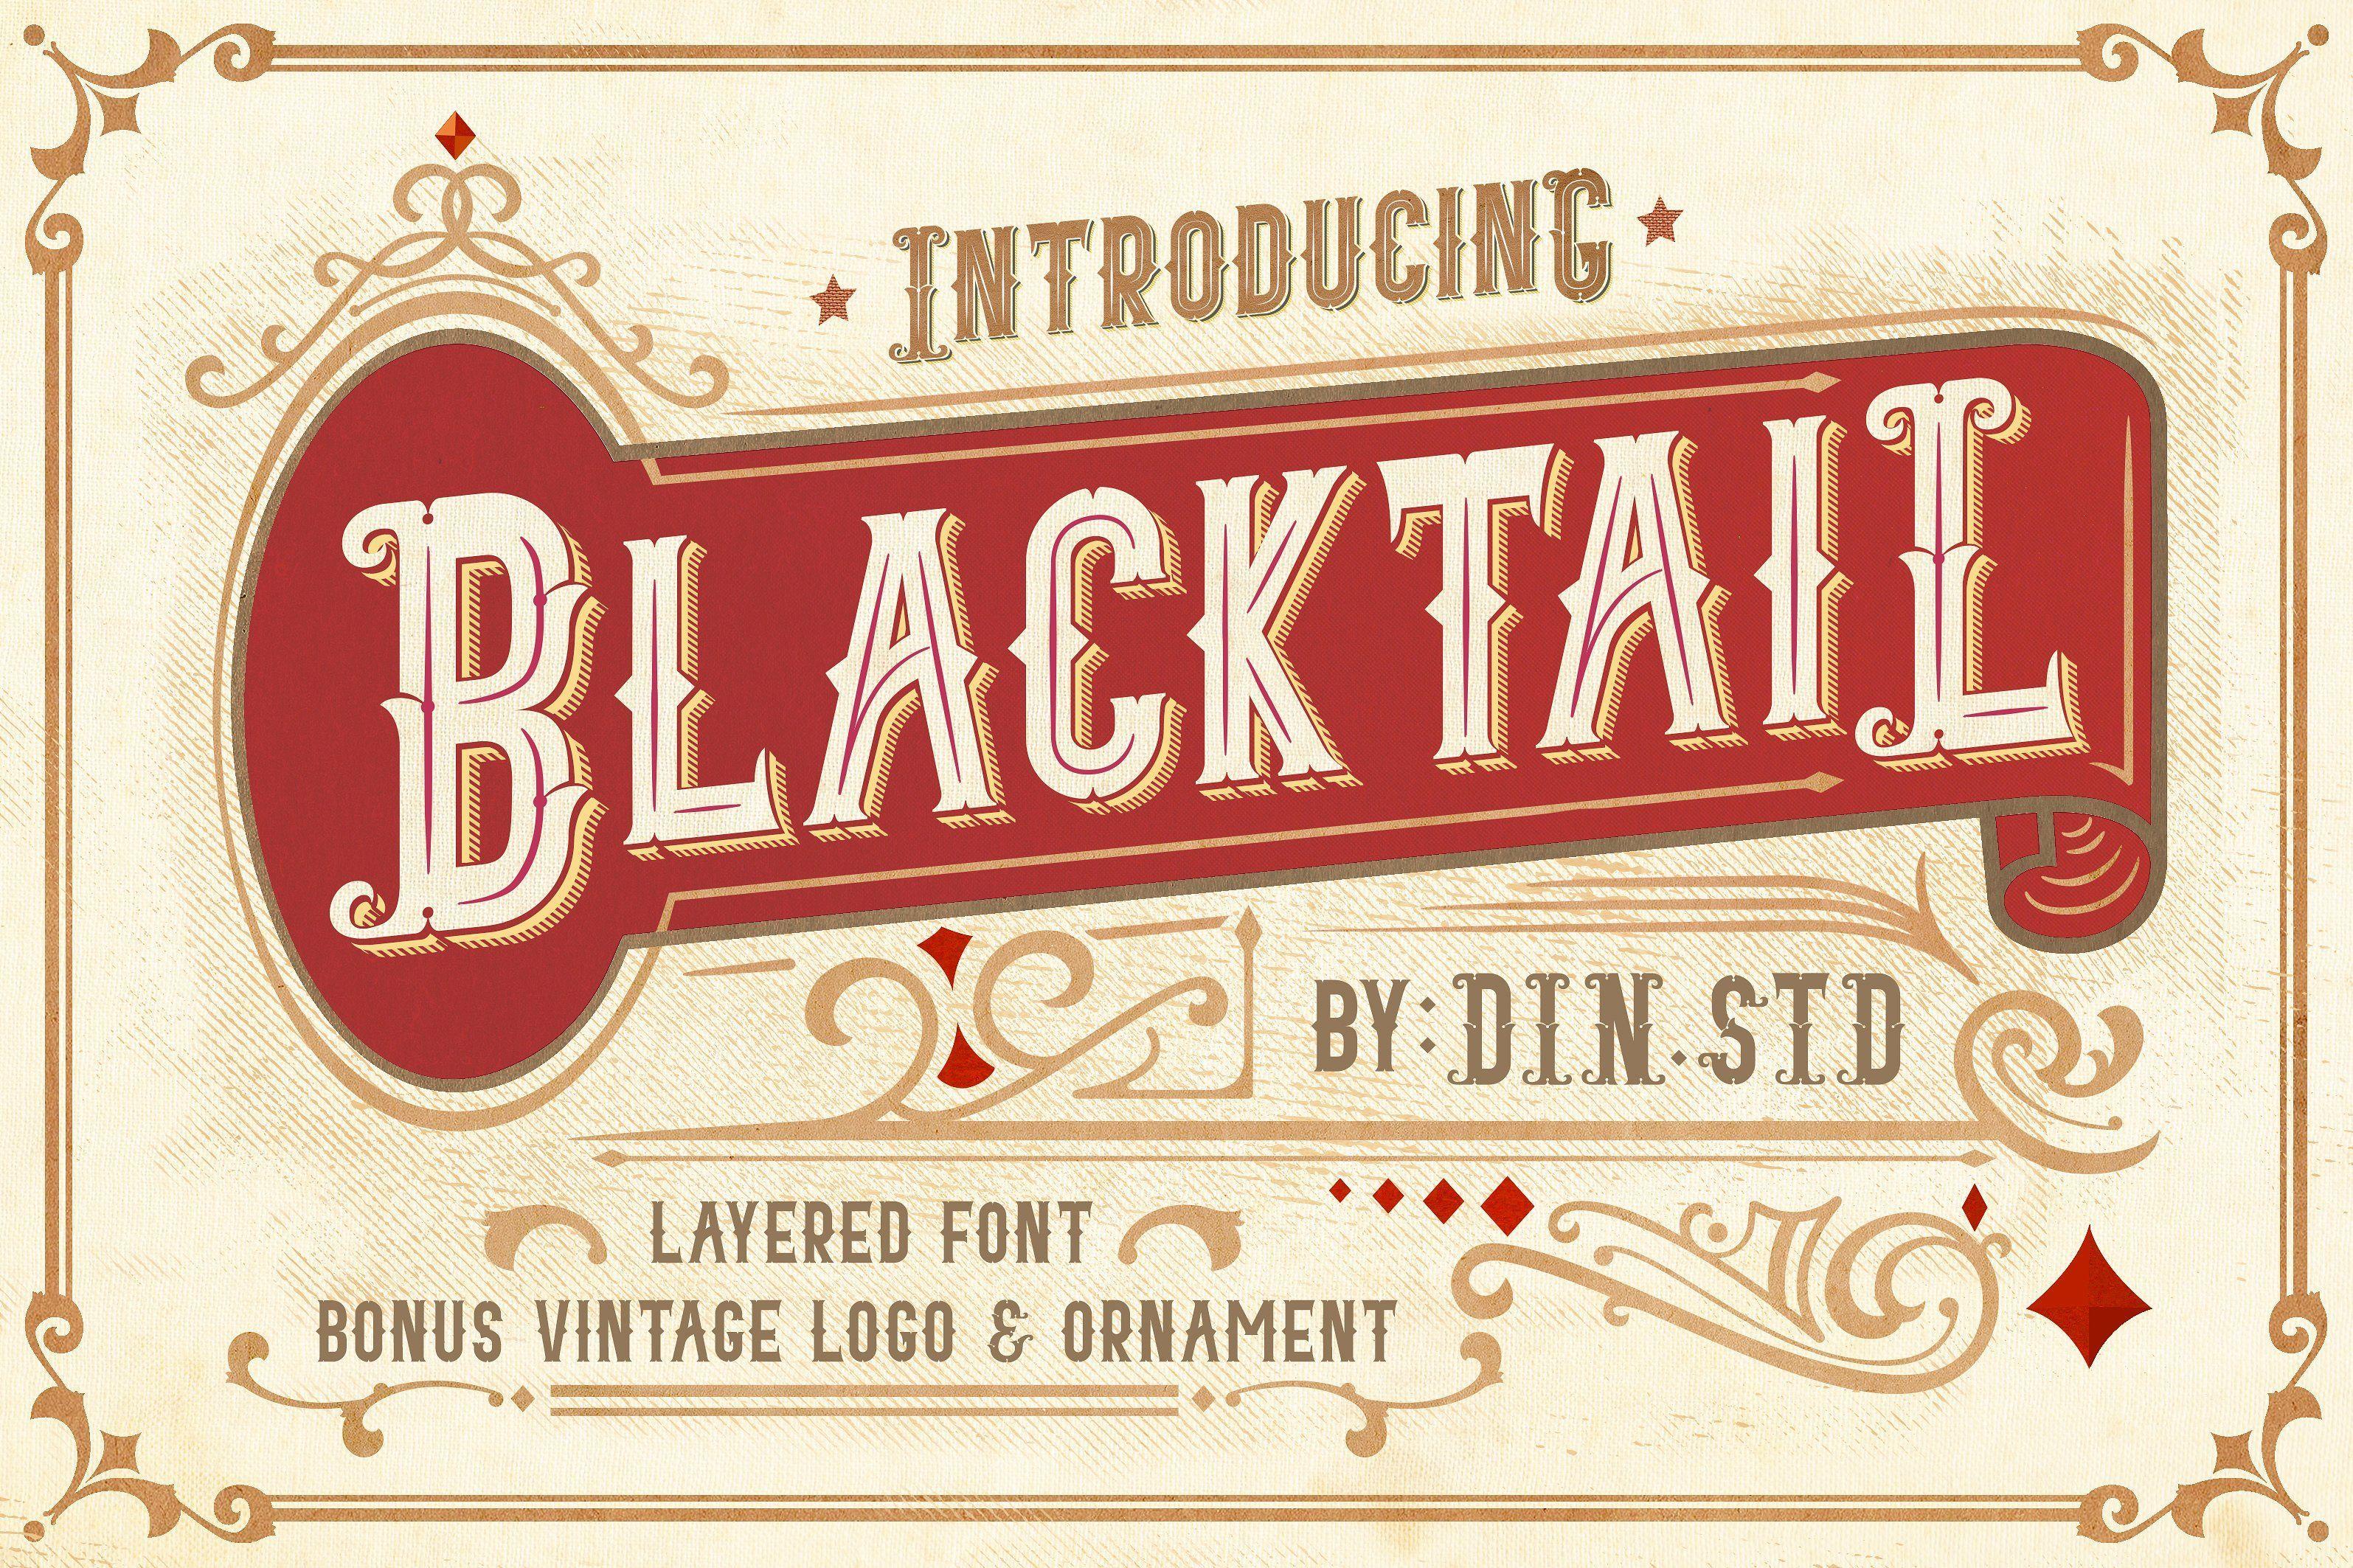 Blacktail Font Introsale 25 Signature Fonts Blacktail Font Is Very Suitable For Your Branding Project Tshirt Vintage Fonts Unique Fonts Vintage Concepts